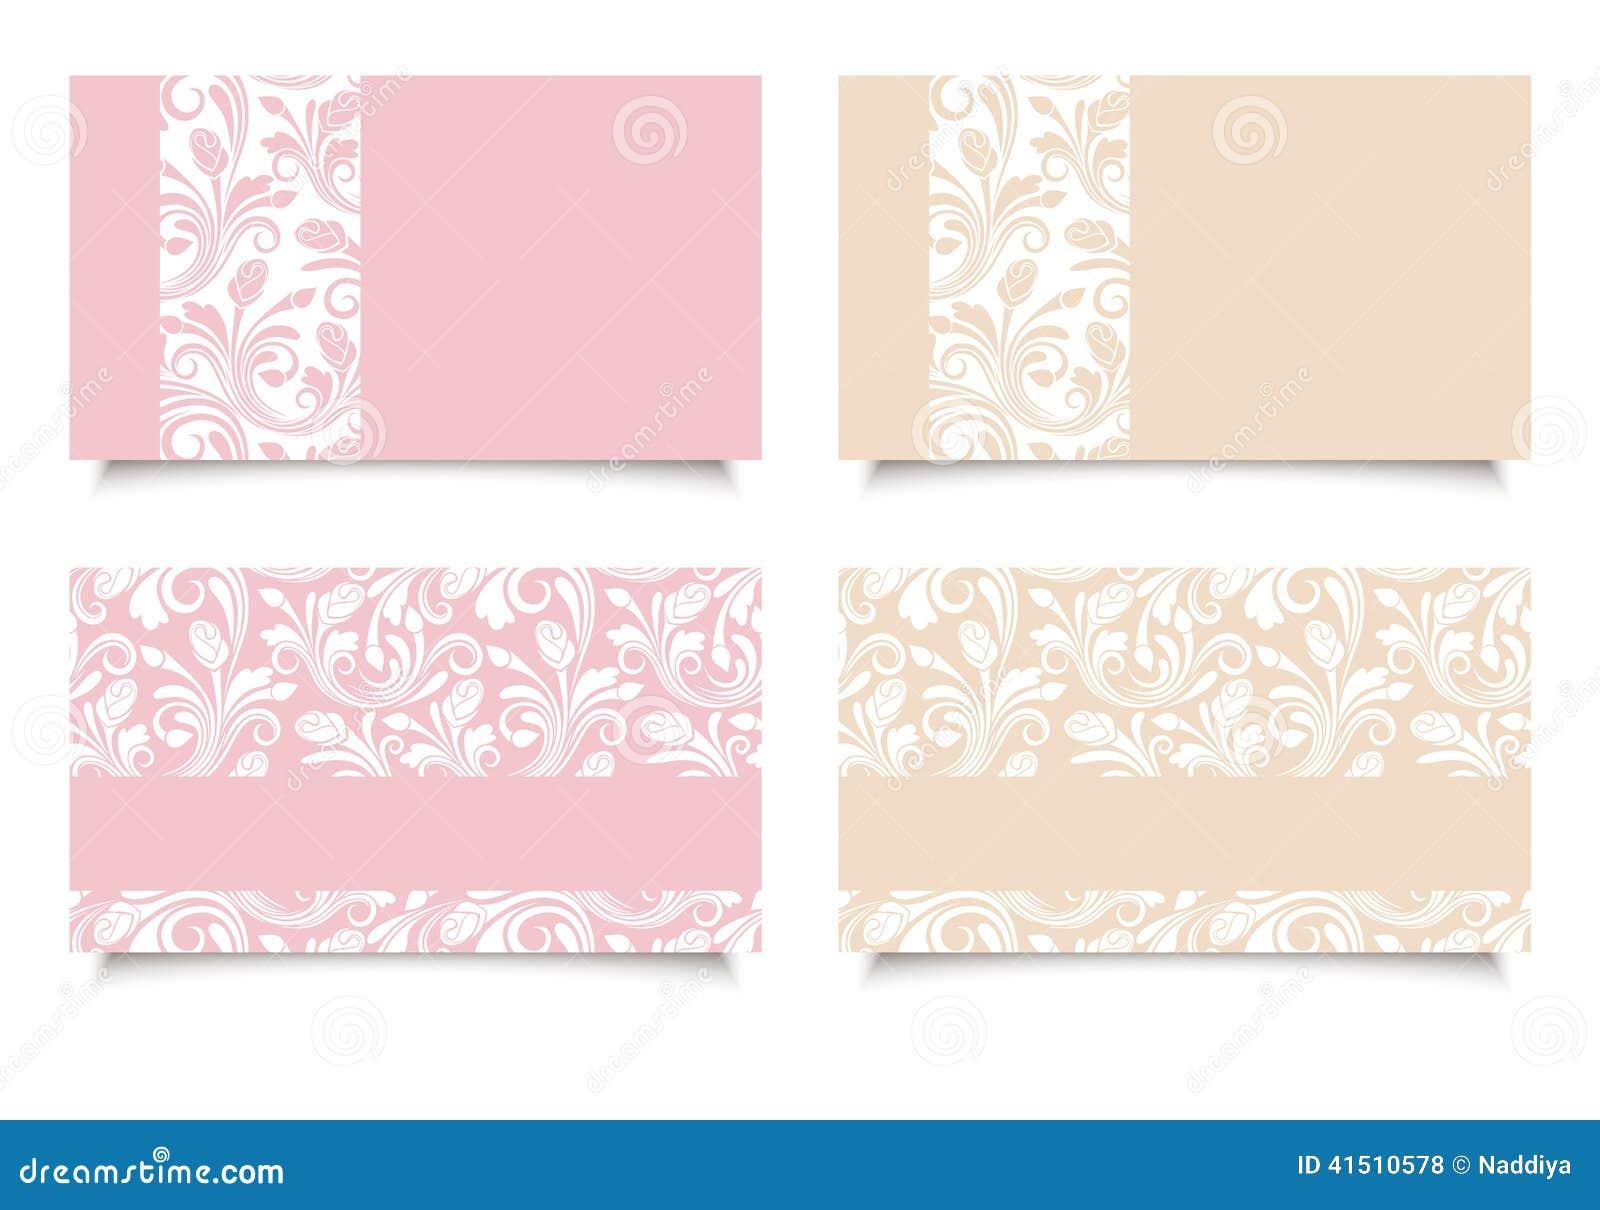 Cartes De Visite Professionnelle Roses Et Beiges Avec Les Modeles Floraux Vecteur EPS